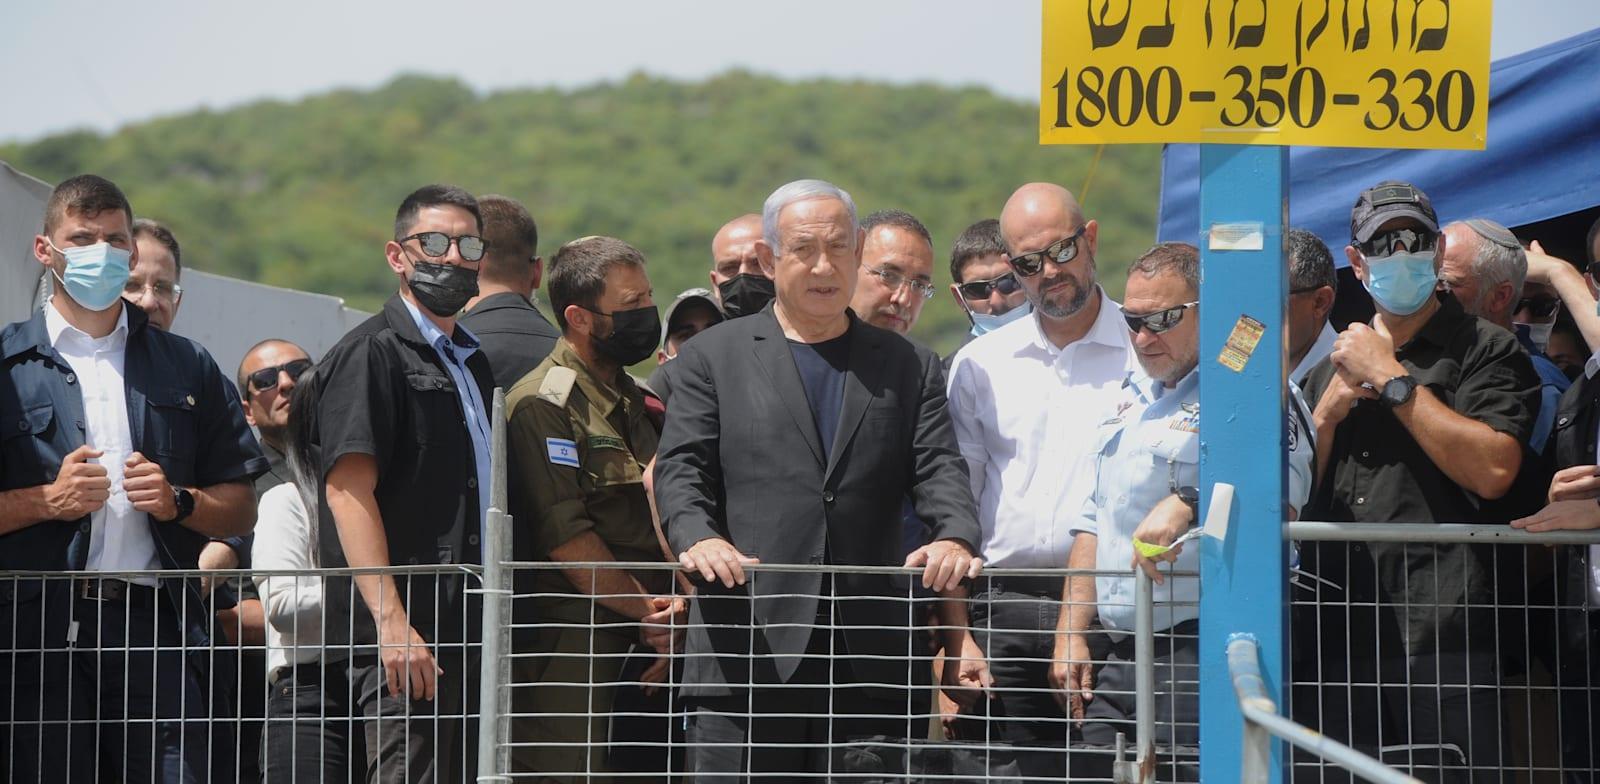 ראש הממשלה בנימין נתניהו בהר מירון לאחר האסון / צילום: רמי שלוש